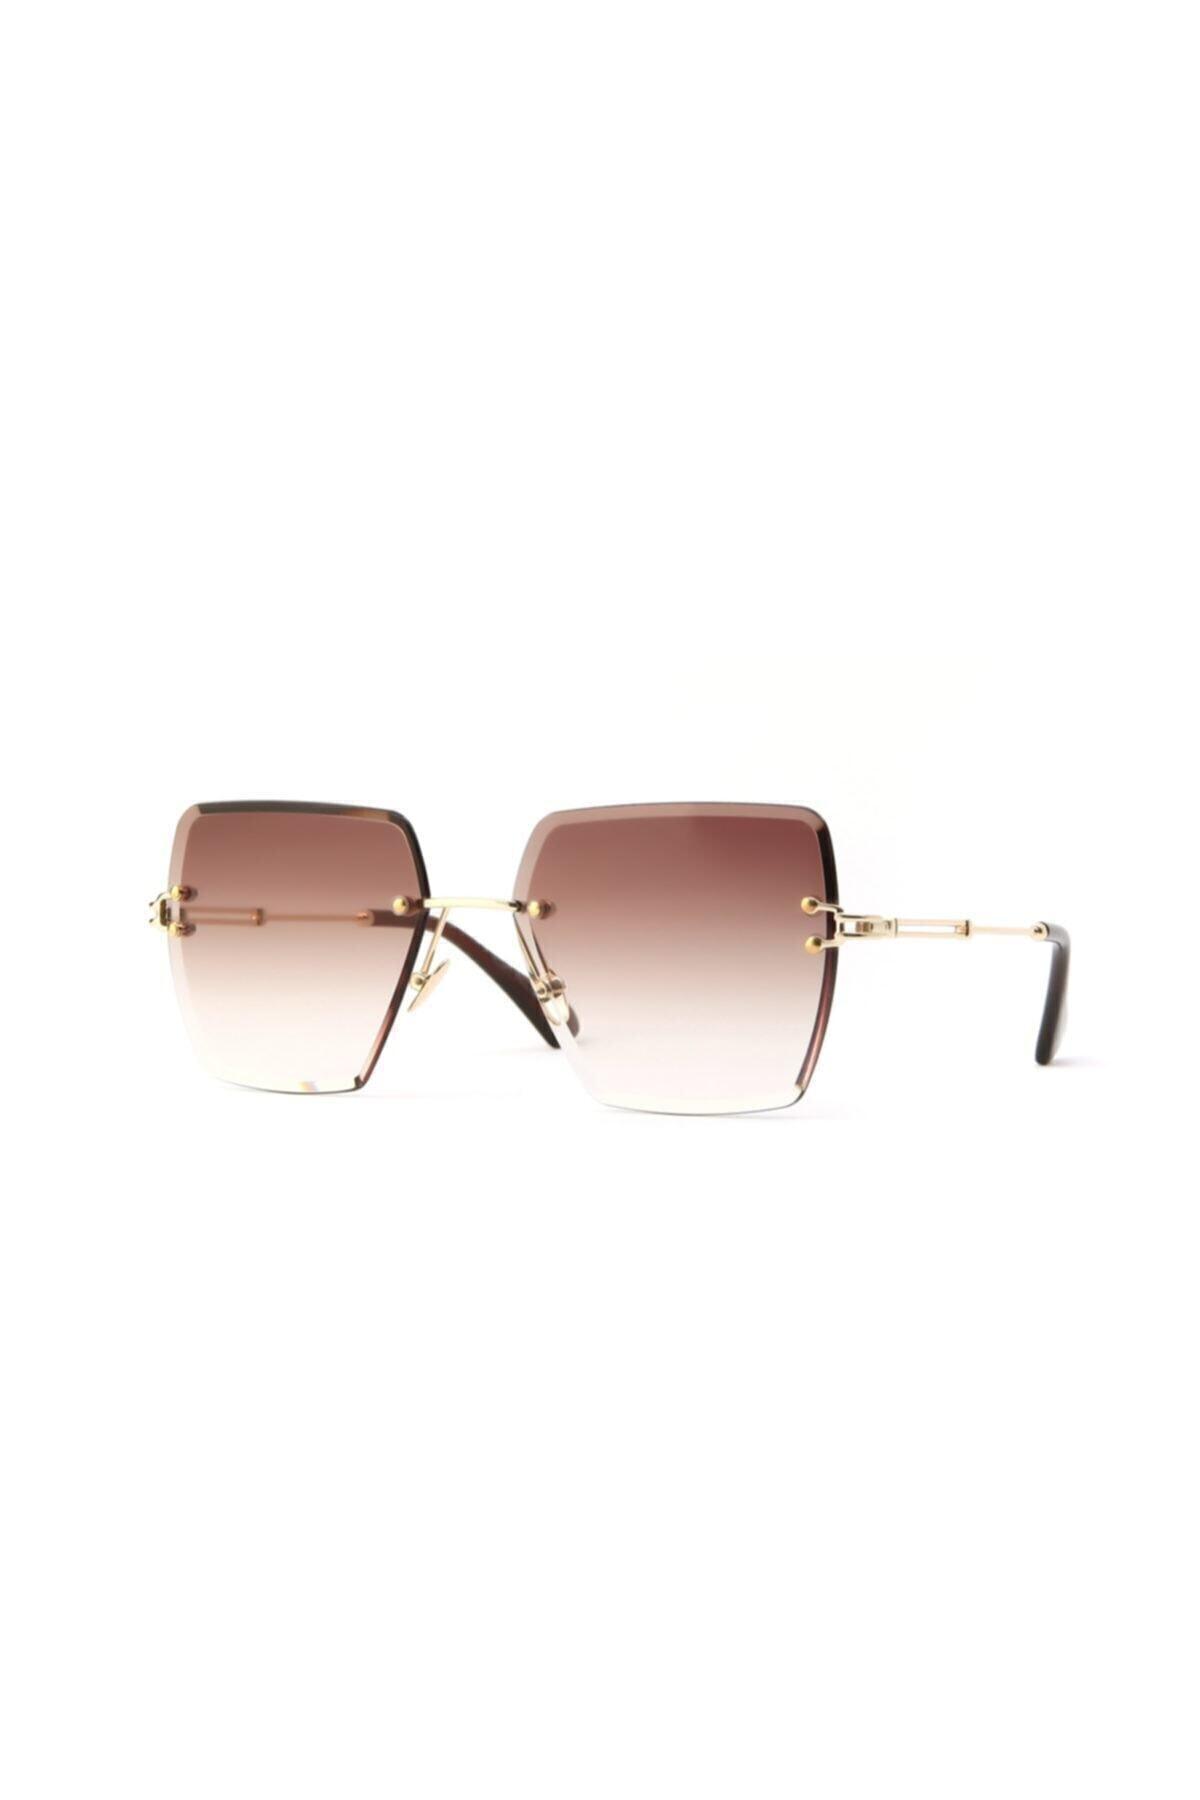 عینک آفتابی زنانه ترک مجلسی برند Tan Gözlük رنگ قهوه ای کد ty36697618